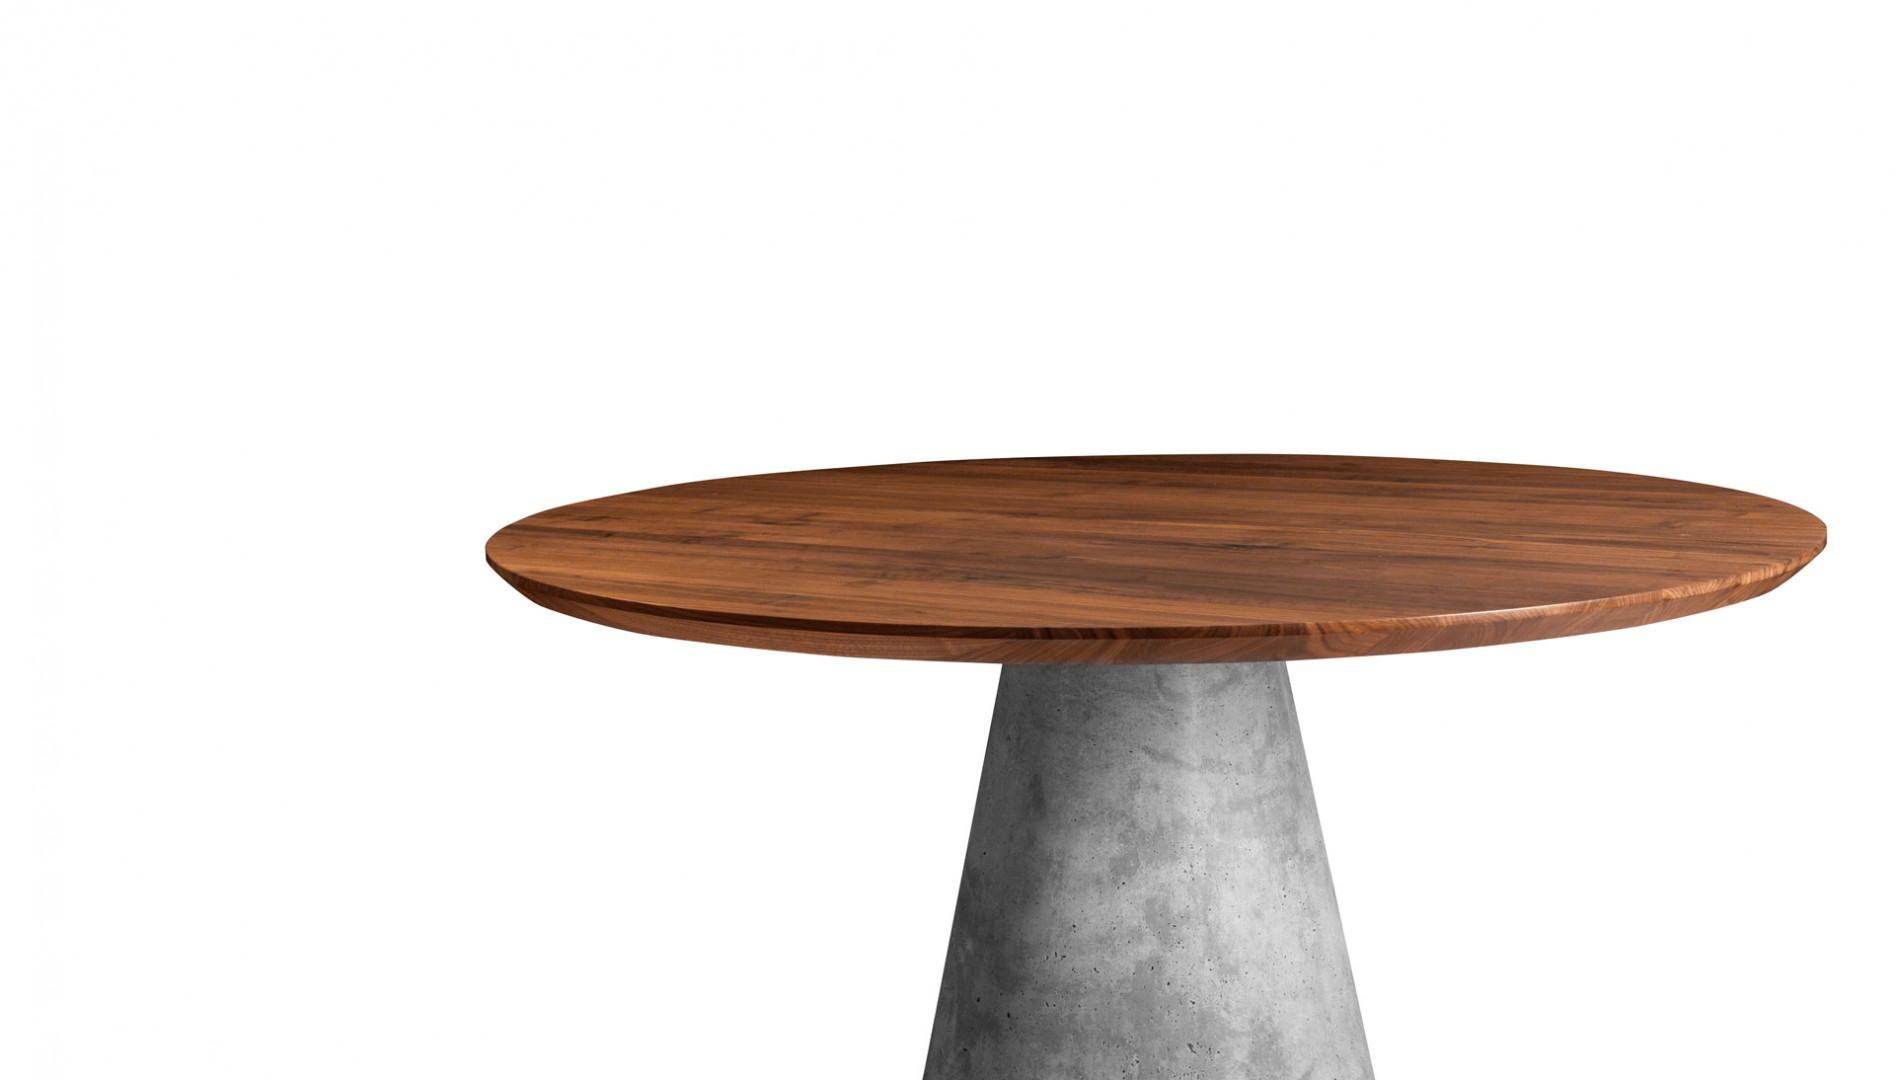 okrúhly jedálenský stôl TAP z masívneho dreva s betónovou podnožou, dubový okrúhly stôl, masívny okrúhly stôl